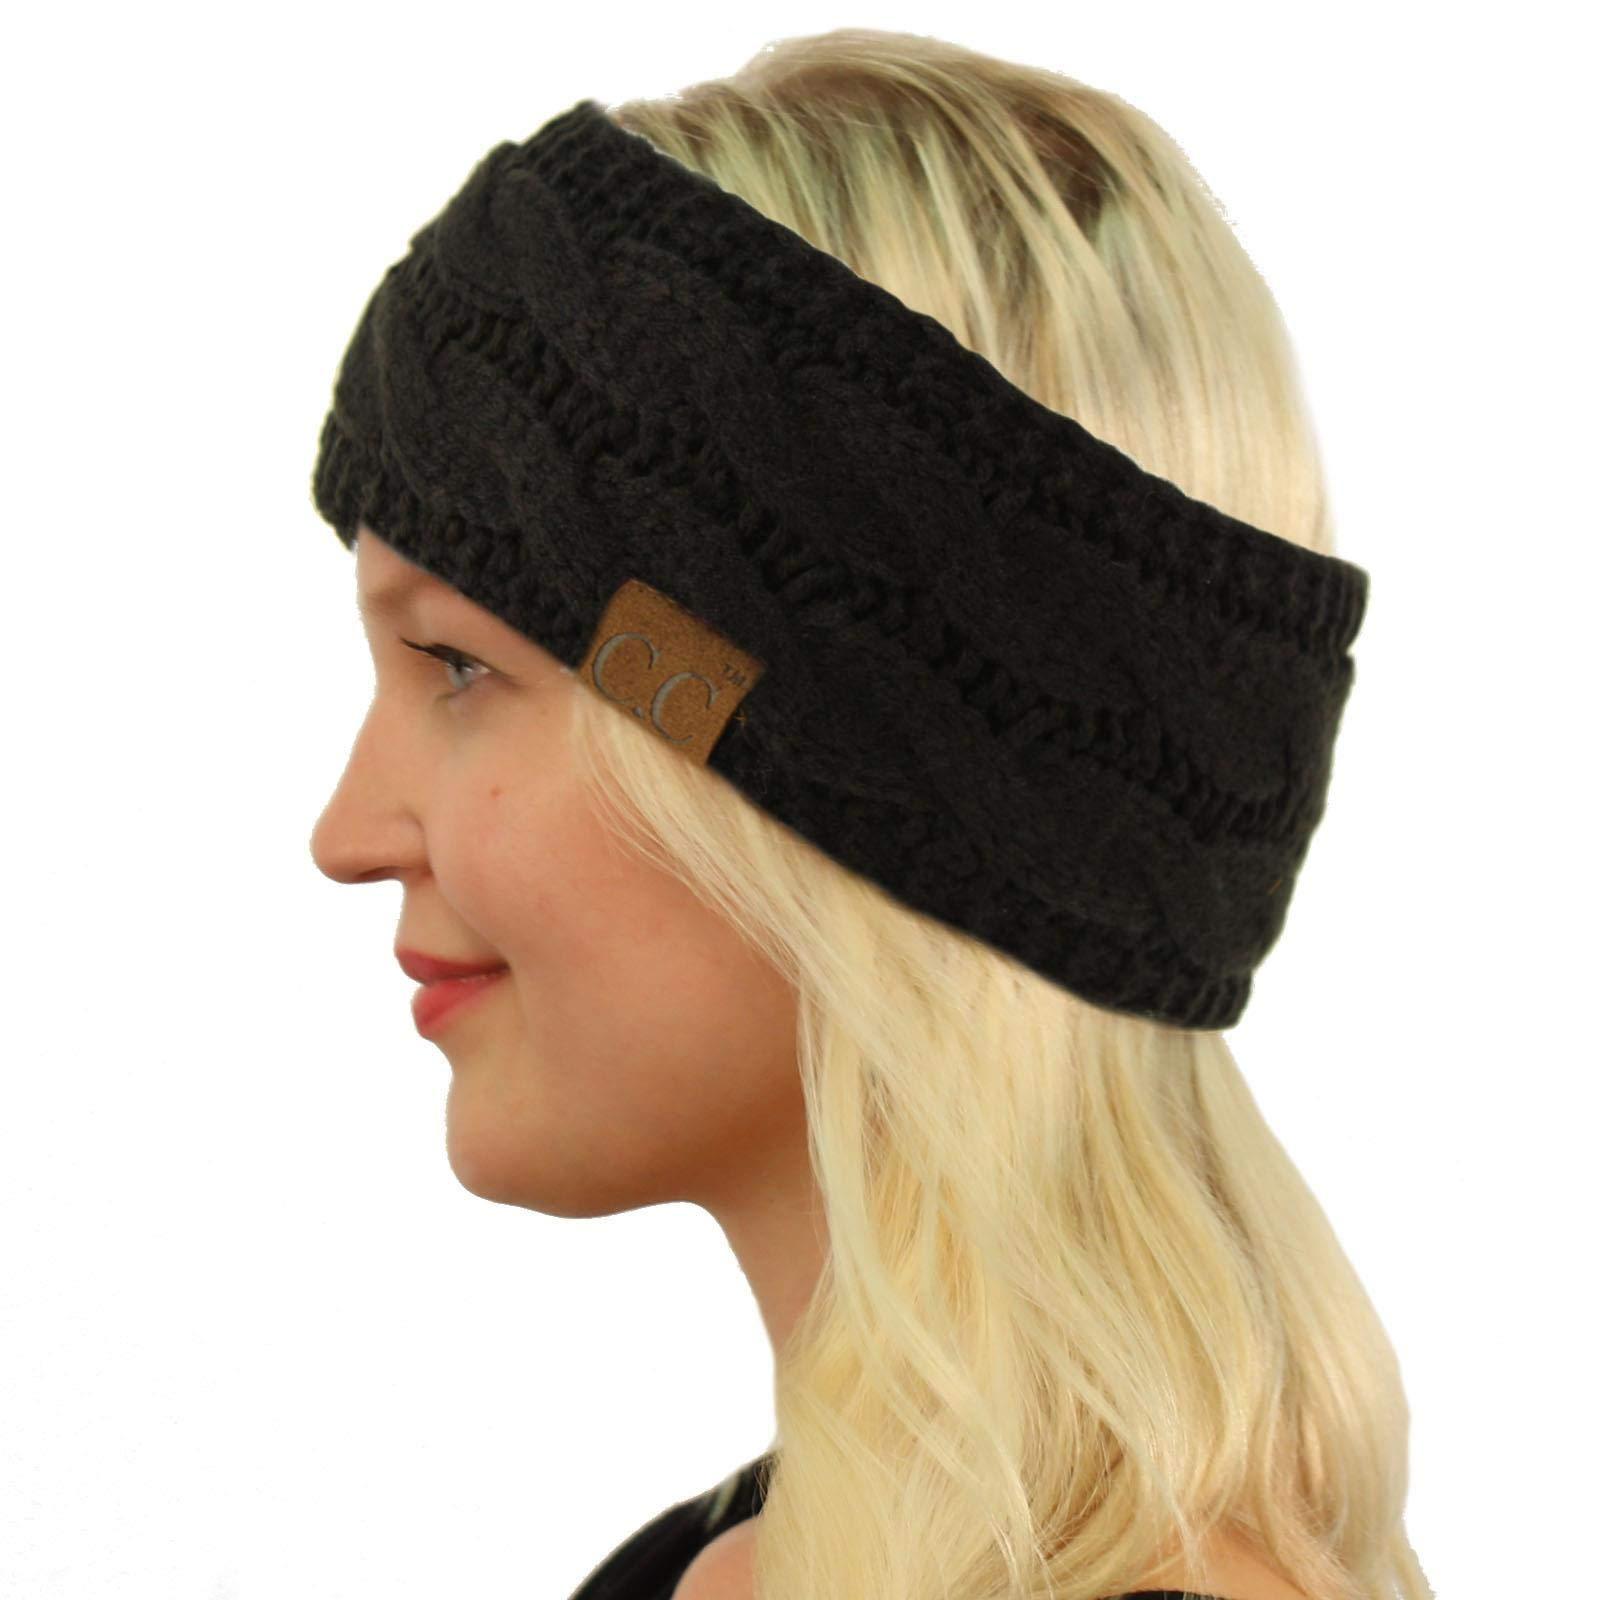 Winter Fuzzy Fleece Lined Thick Knitted Headband Headwrap Earwarmer Solid Black